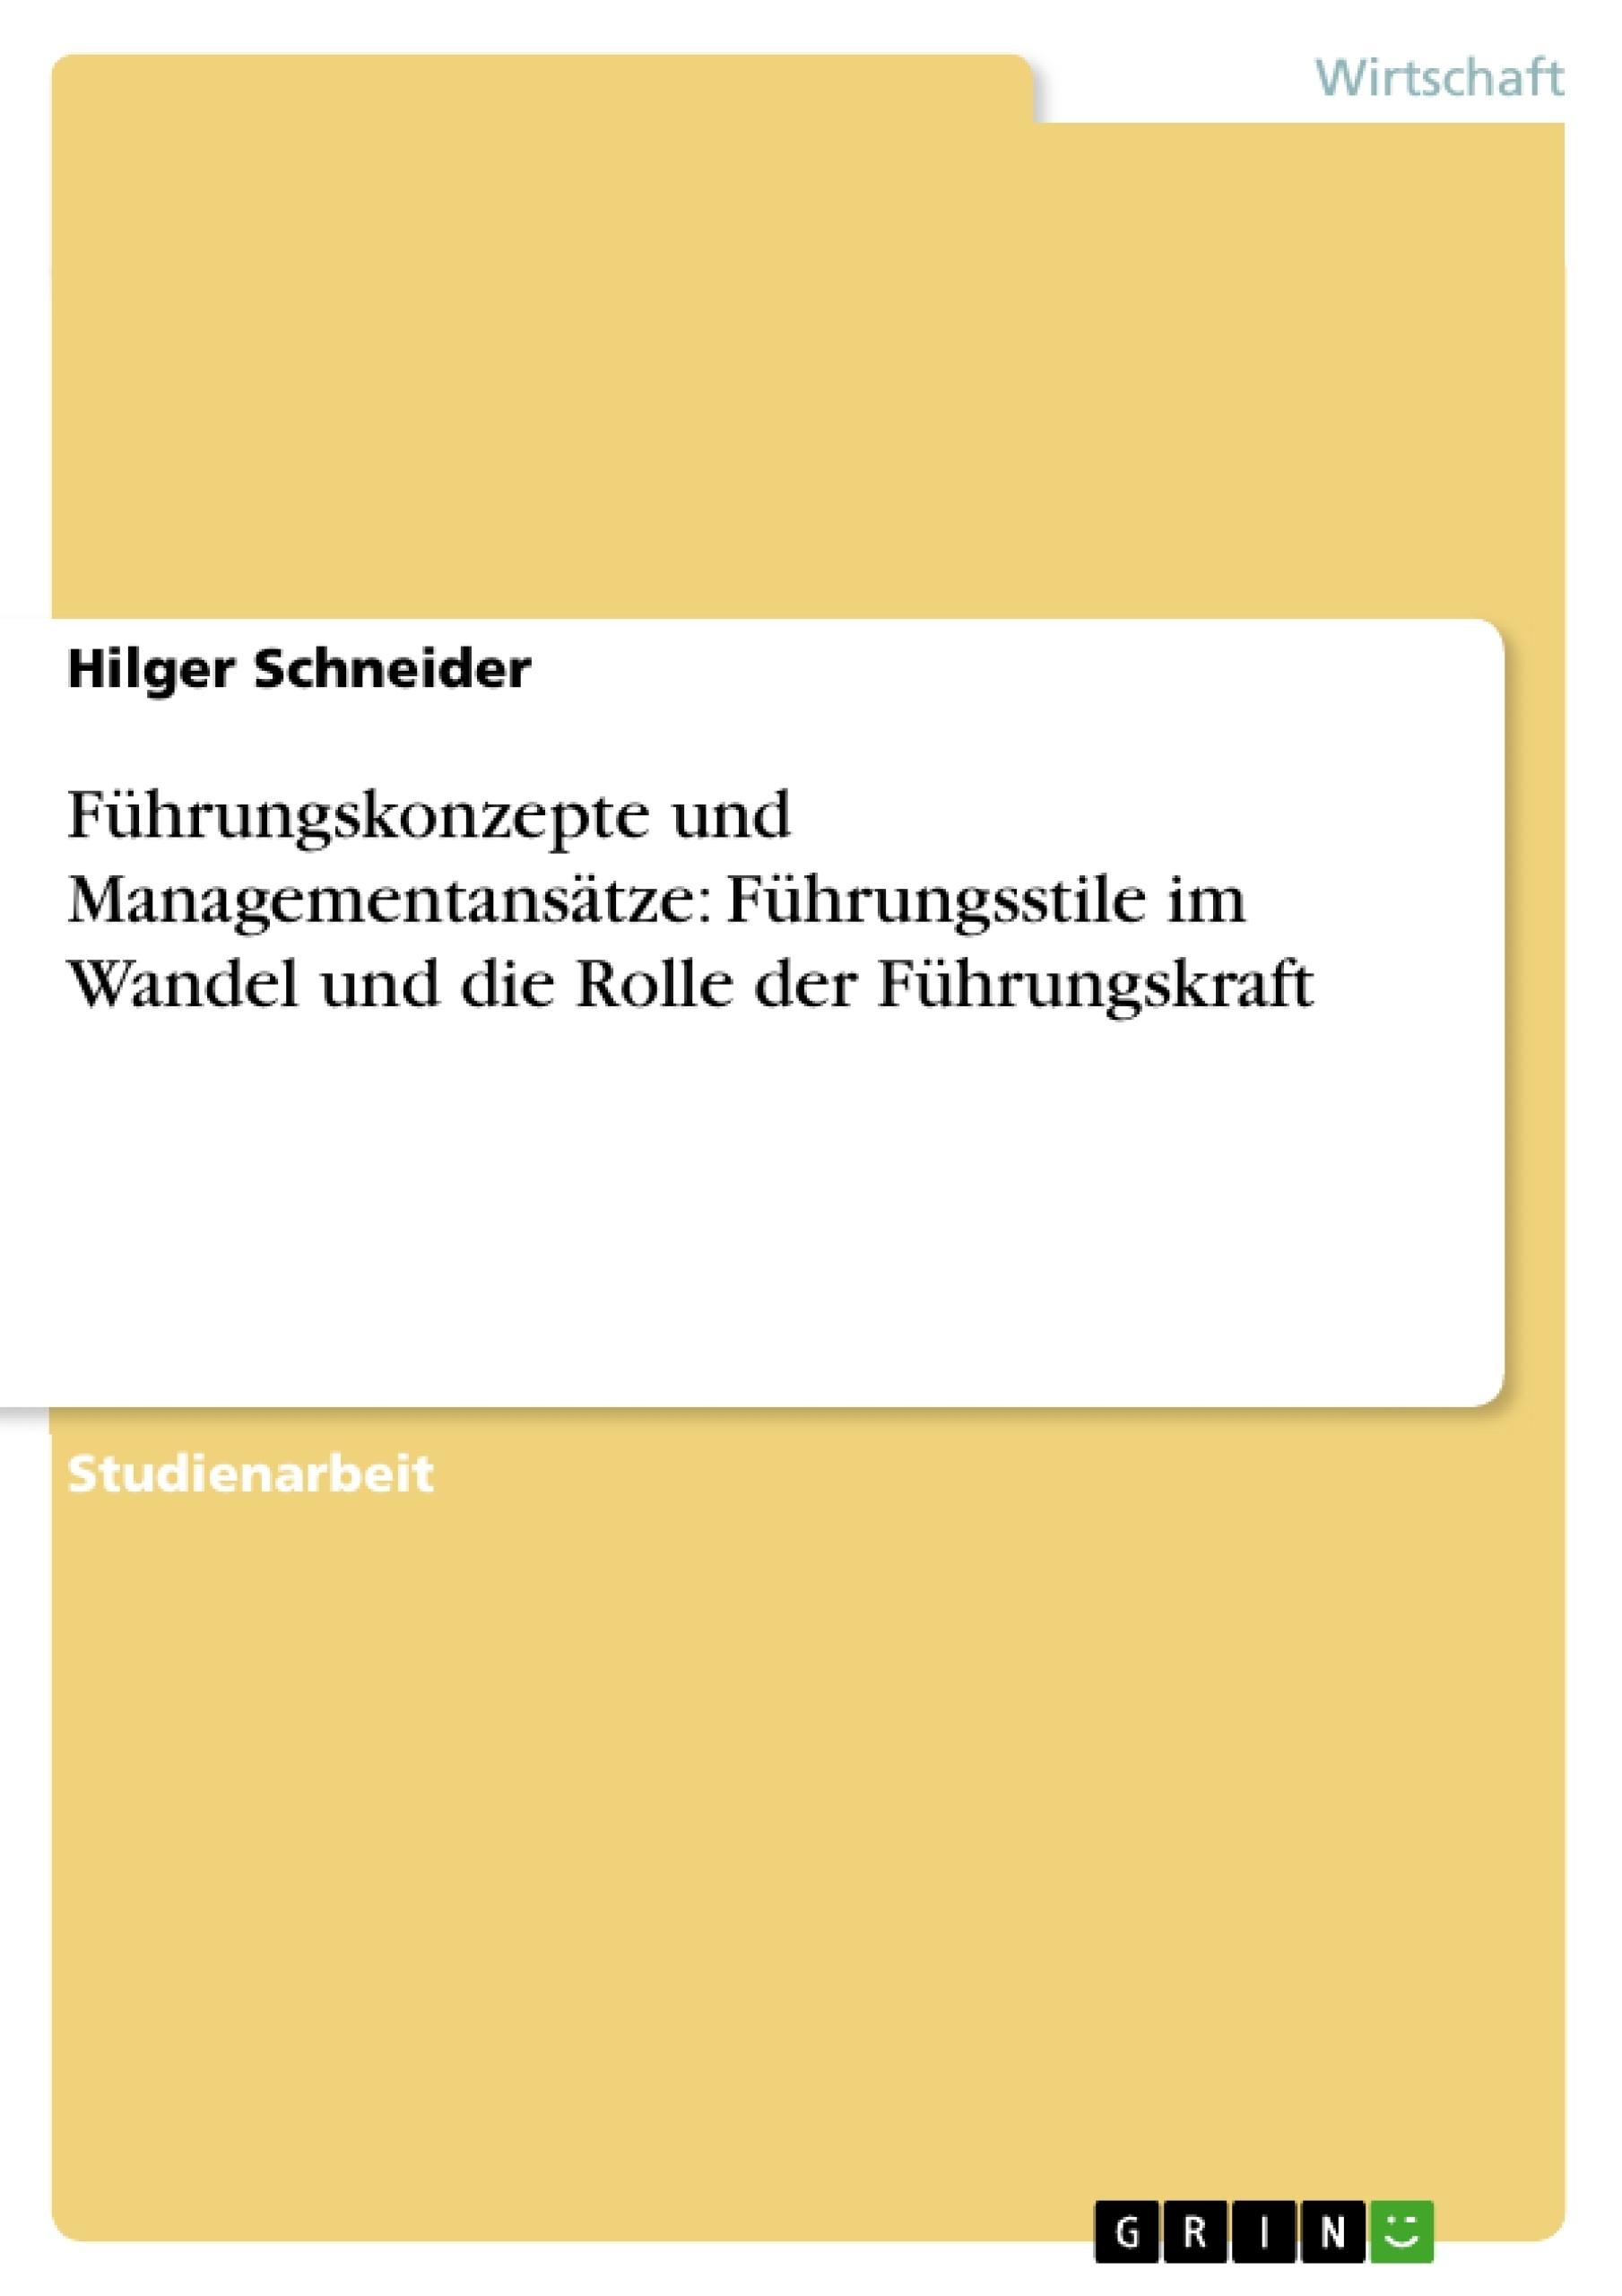 Titel: Führungskonzepte und Managementansätze: Führungsstile im Wandel und die Rolle der Führungskraft